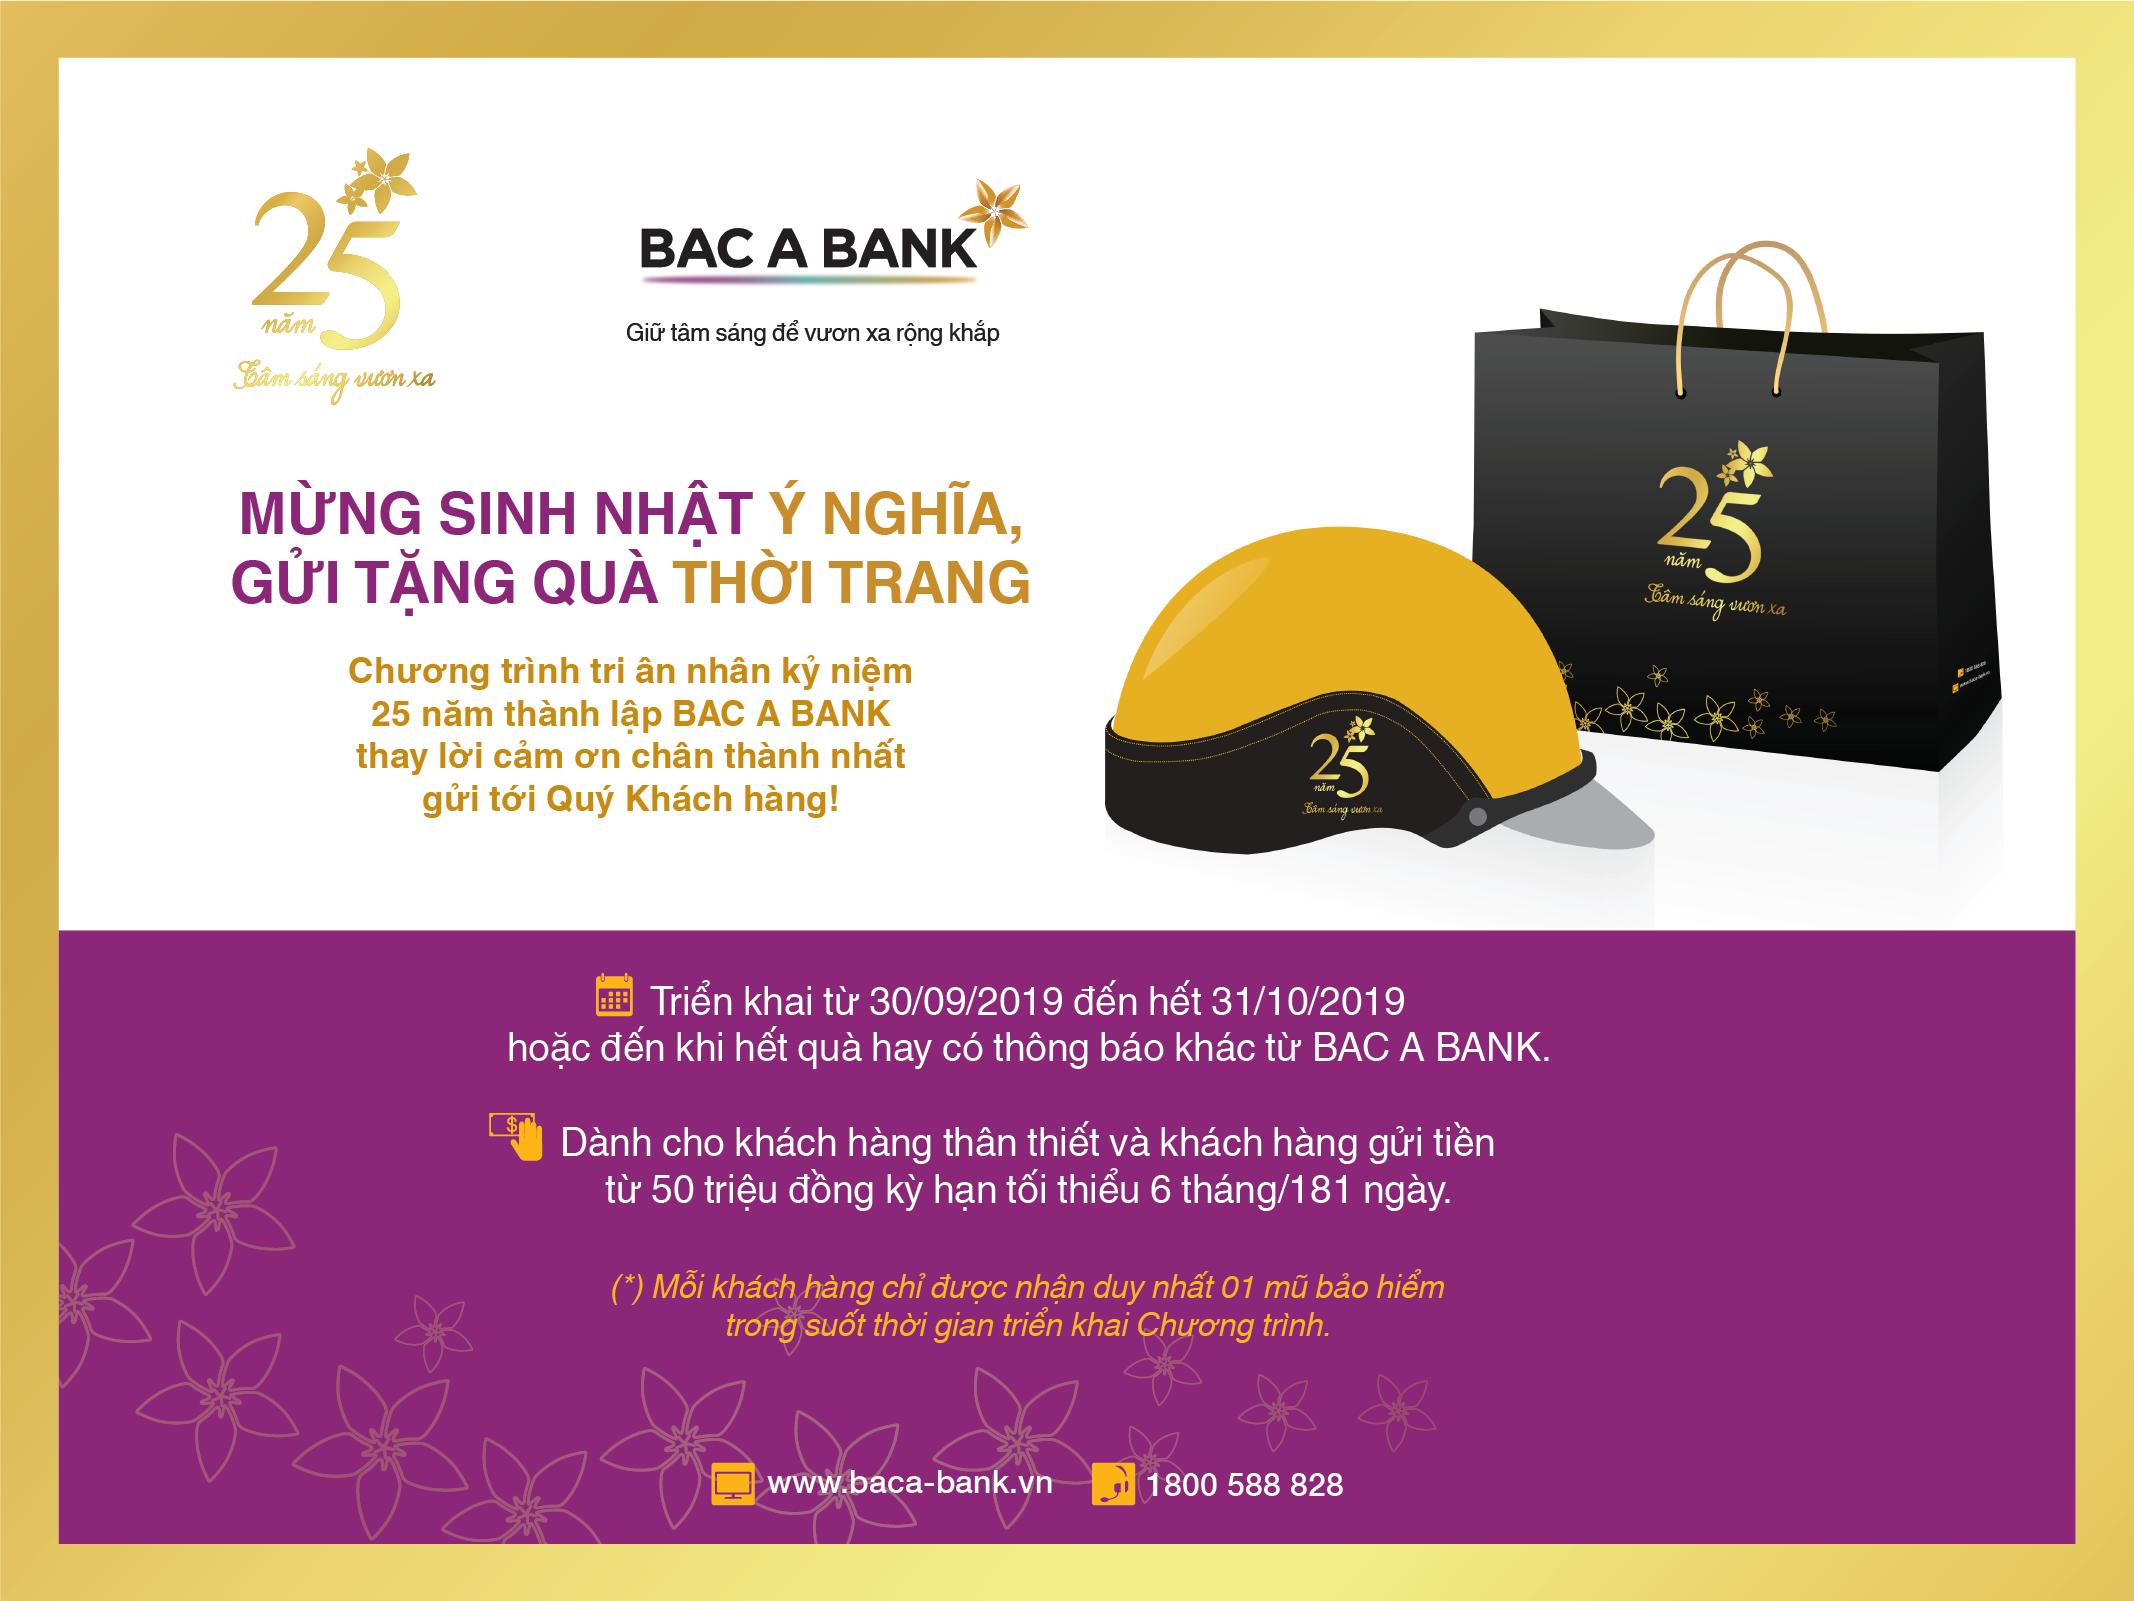 Cùng BAC A BANK mừng sinh nhật ý nghĩa, gửi tặng quà thời trang  - Ảnh 1